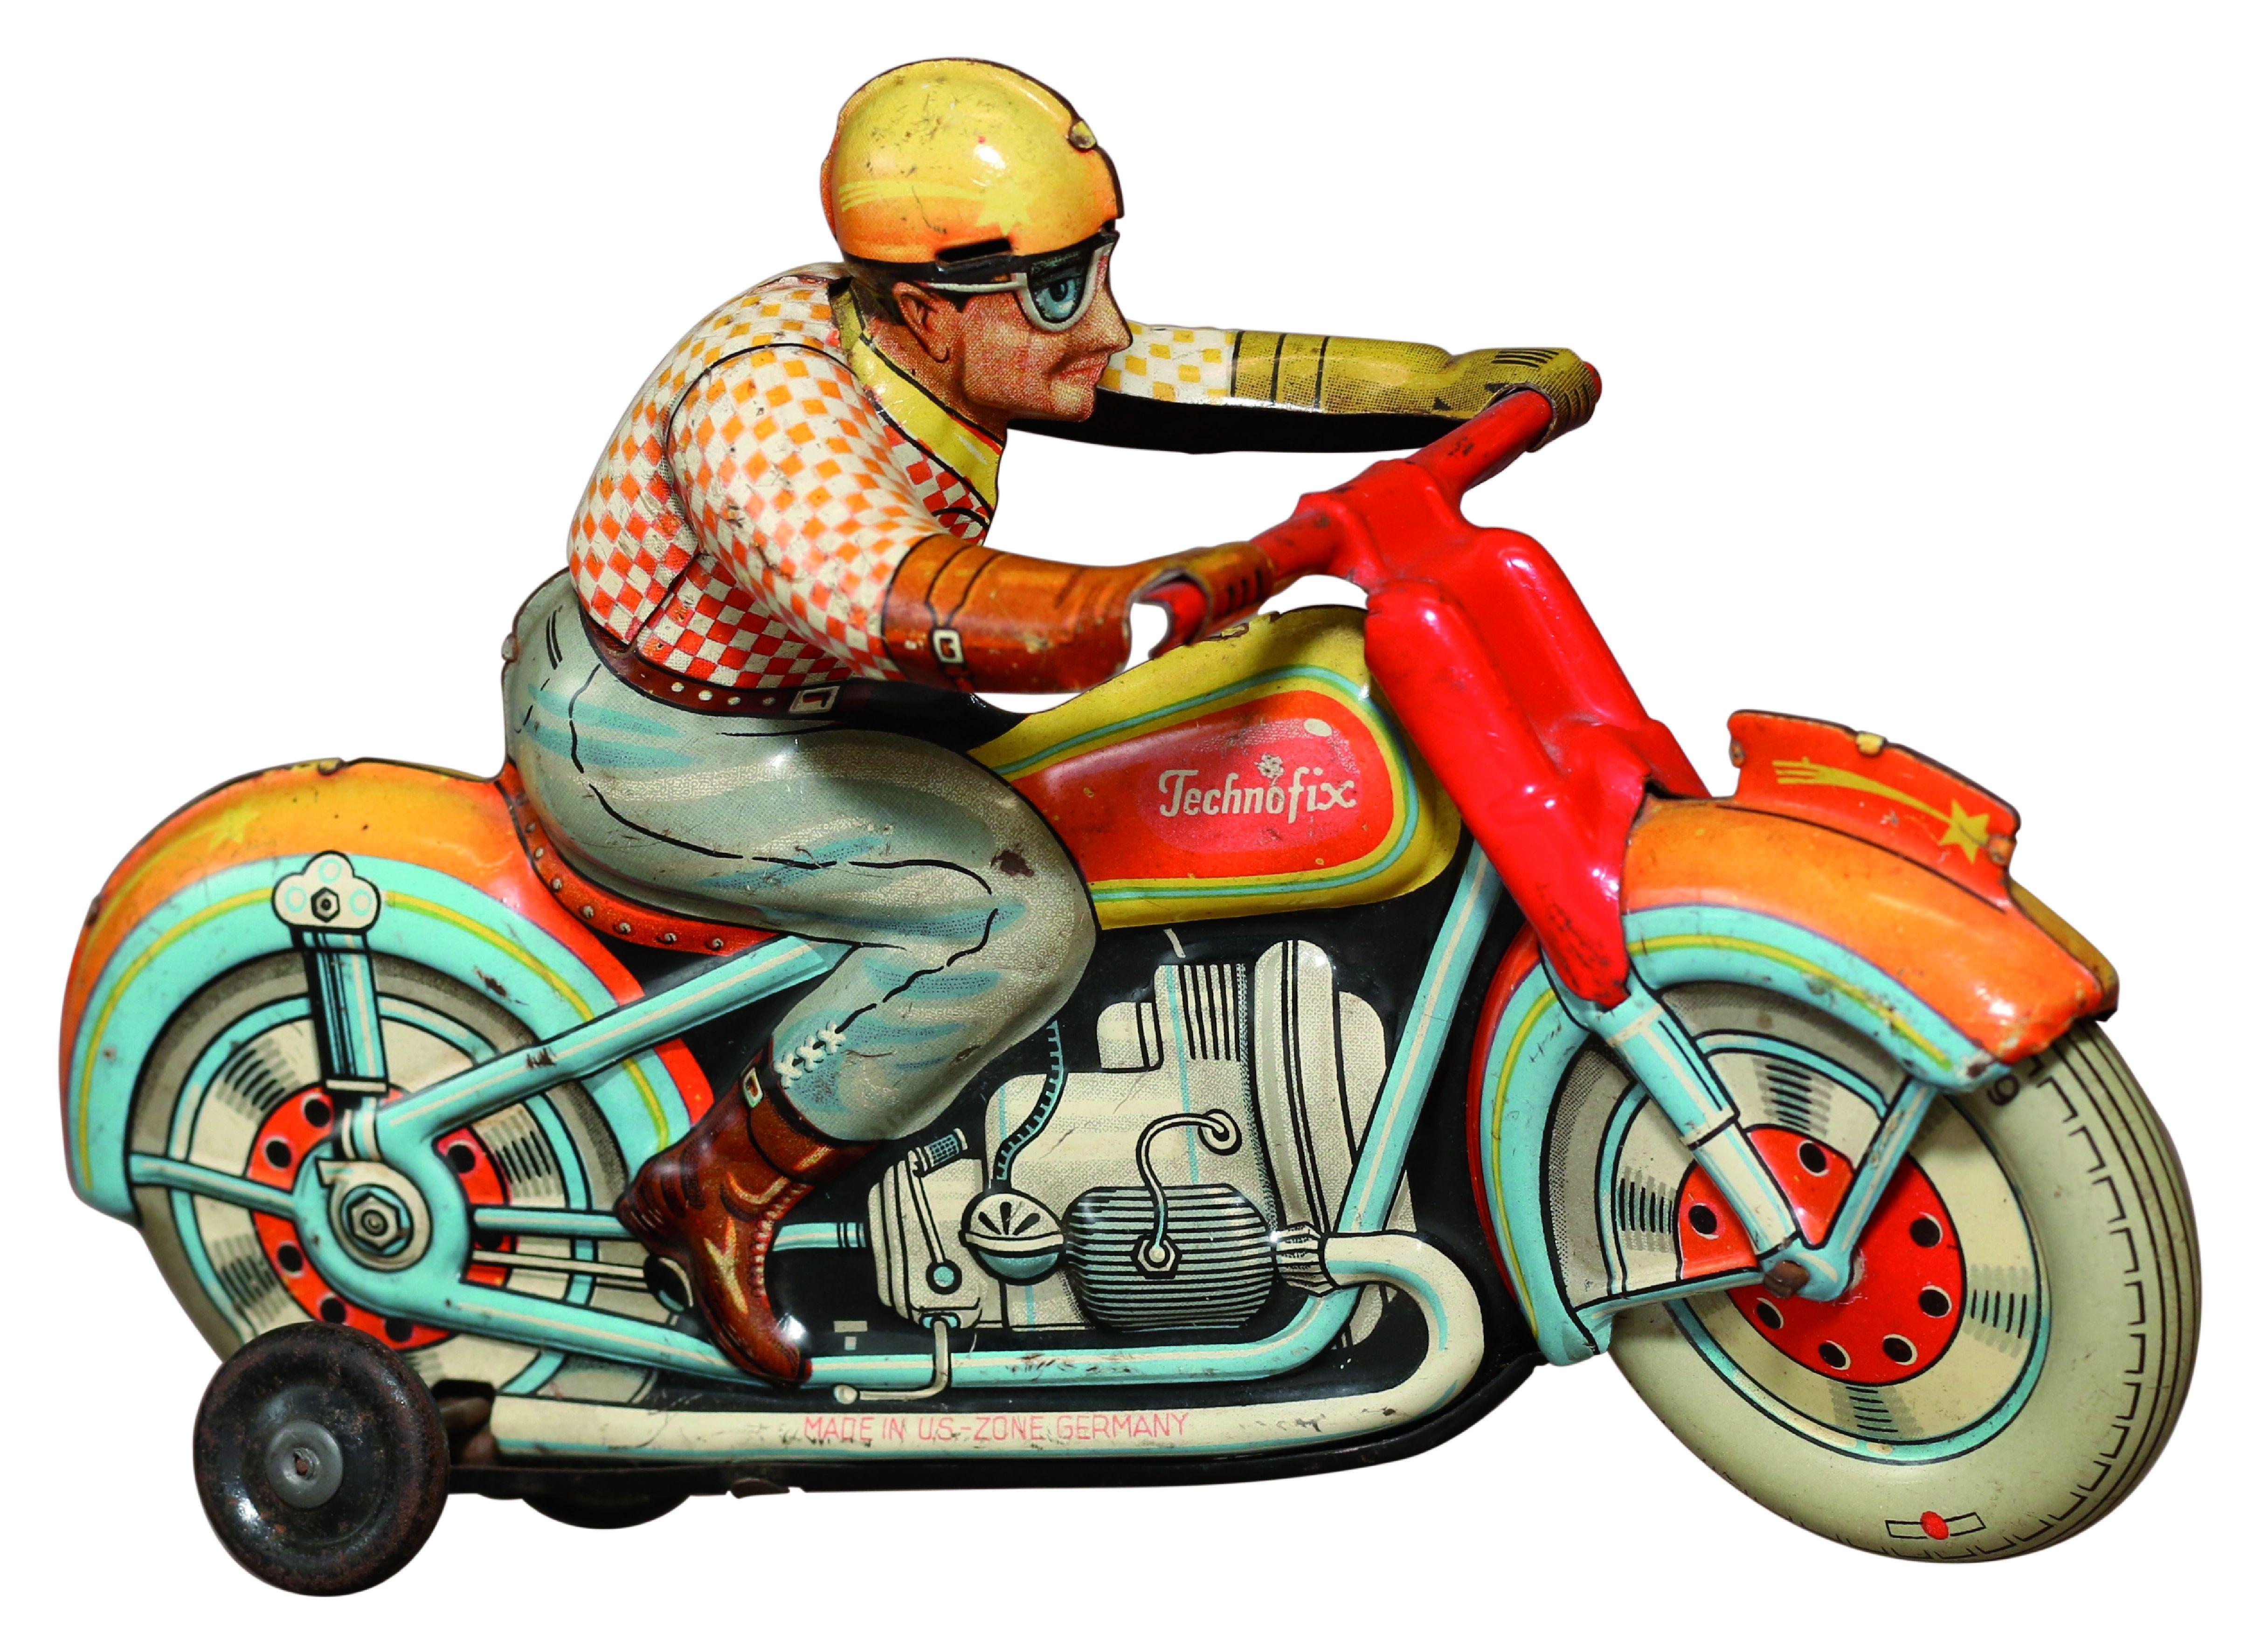 Rennfahrer, Blechspielzeug von Technofix, Nürnberg, 1945-1949